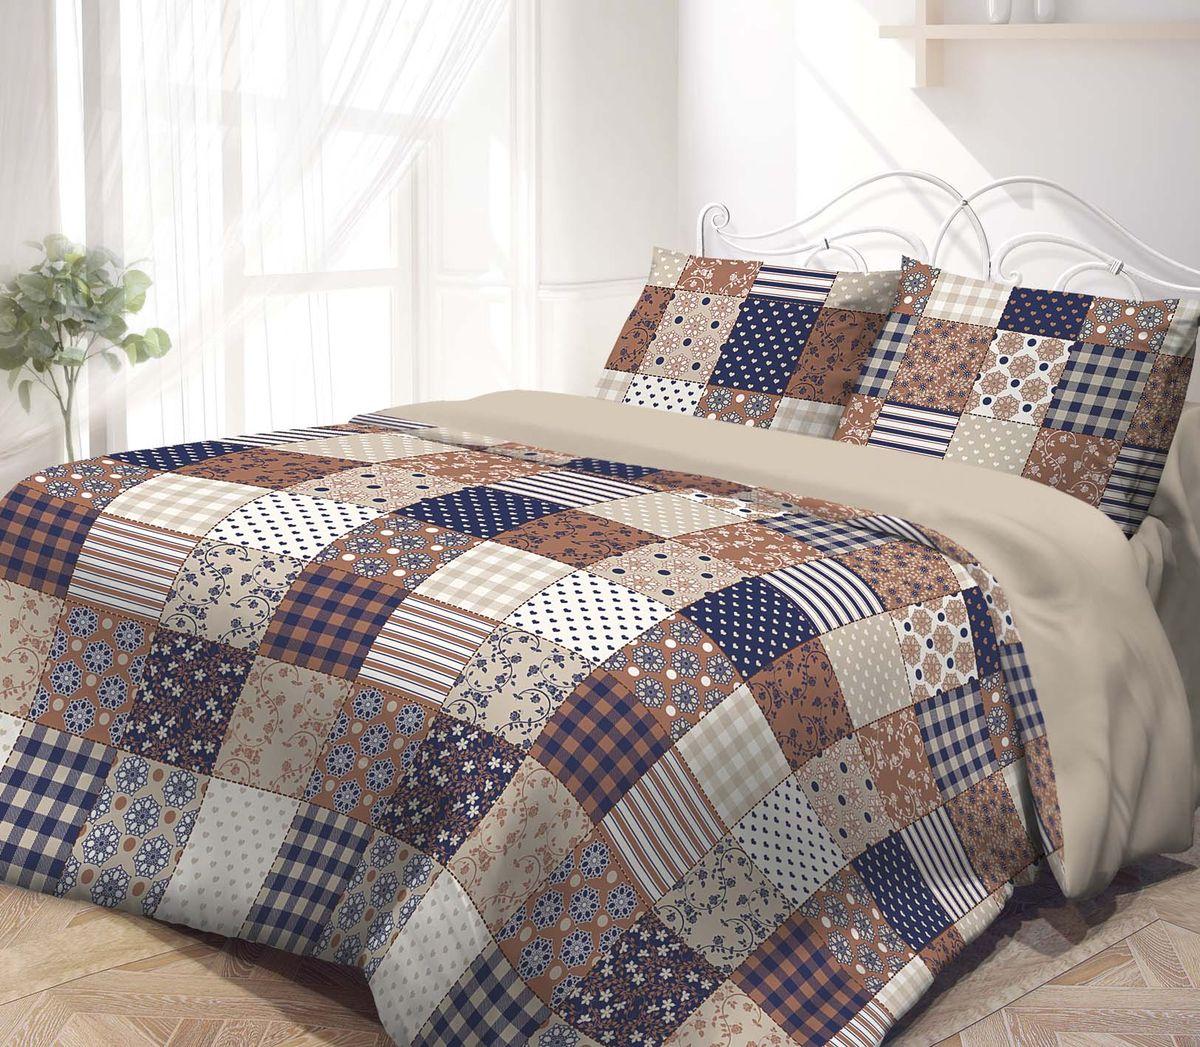 Комплект белья Гармония, евро, наволочки 50х70, цвет: синий, коричневый193256Комплект постельного белья Гармония является экологически безопасным, так как выполнен из поплина (100% хлопка). Комплект состоит из пододеяльника, простыни и двух наволочек. Постельное белье оформлено орнаментом в клеткуи имеет изысканный внешний вид. Постельное белье Гармония - лучший выбор для современной хозяйки! Его отличают демократичная цена и отличное качество. Поплин мягкий и приятный на ощупь. Кроме того, эта ткань не требует особого ухода, легко стирается и прекрасно держит форму. Высококачественные красители, которые используются при производстве постельного белья, сохраняют свой цвет даже после многочисленных стирок.